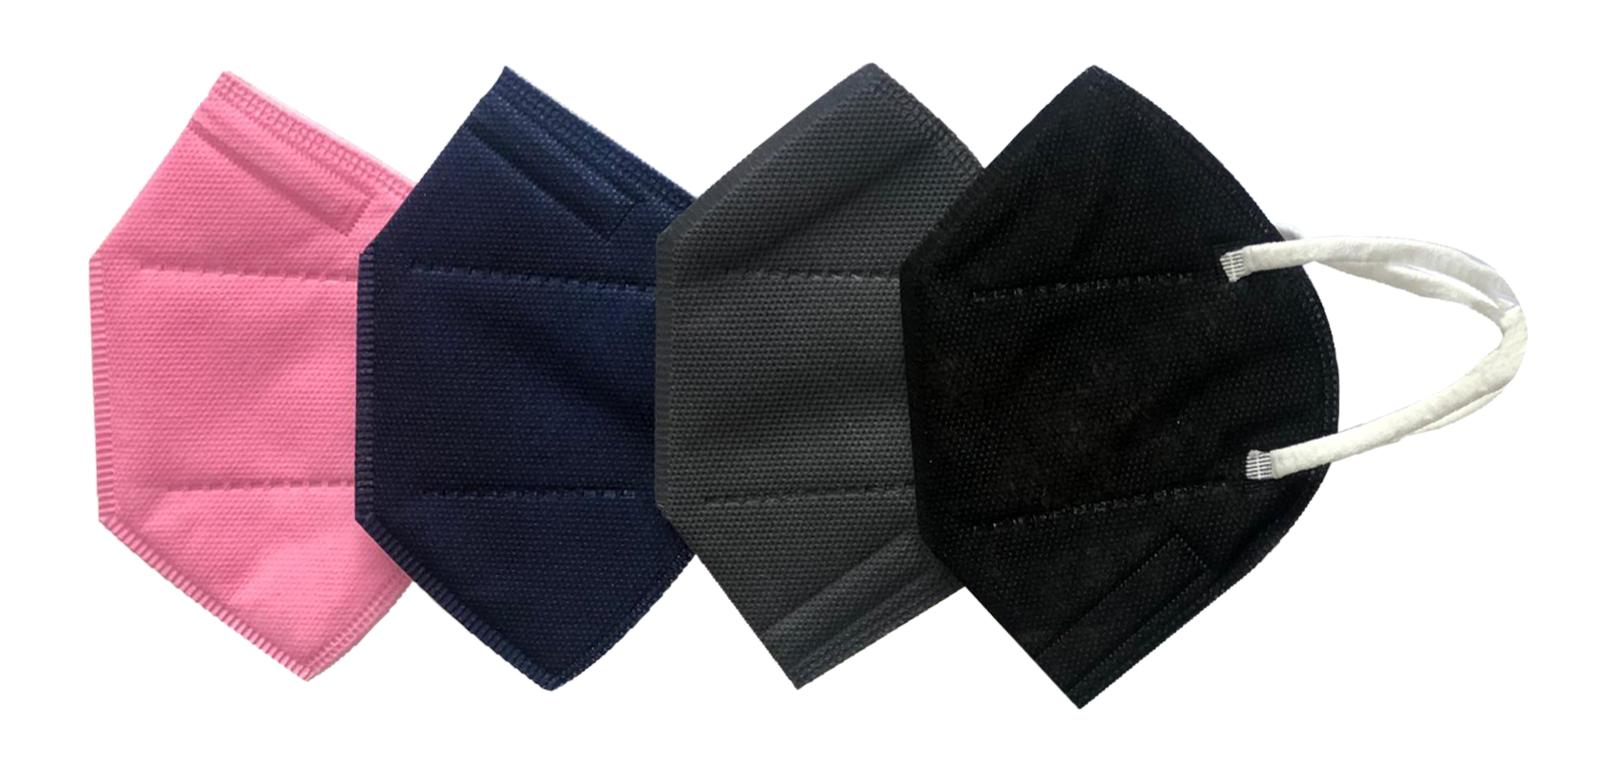 FFP2-Masken in 5 unterschiedlichen Farben